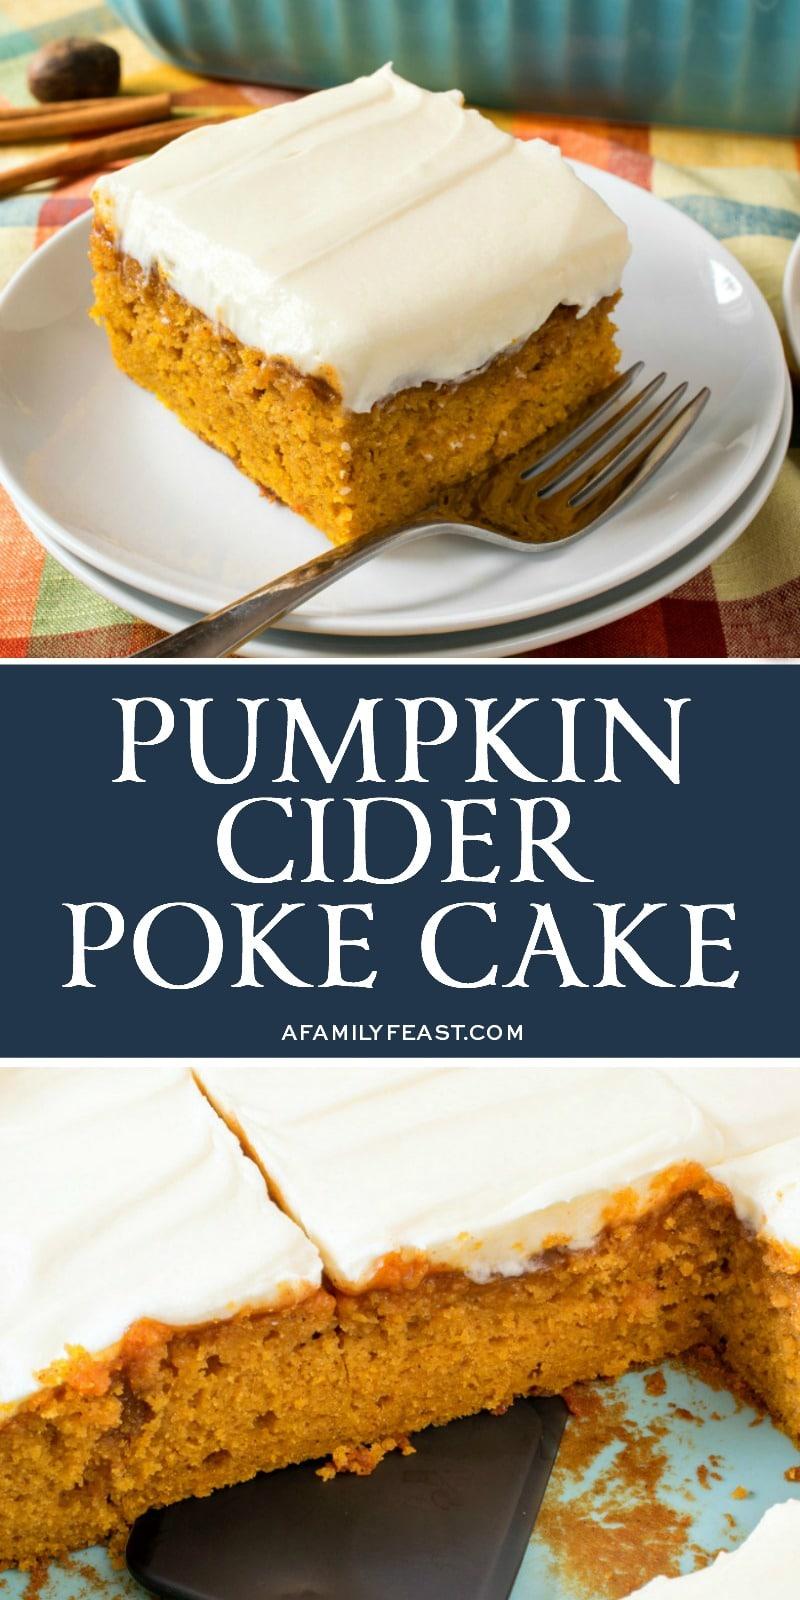 Pumpkin Cider Poke Cake